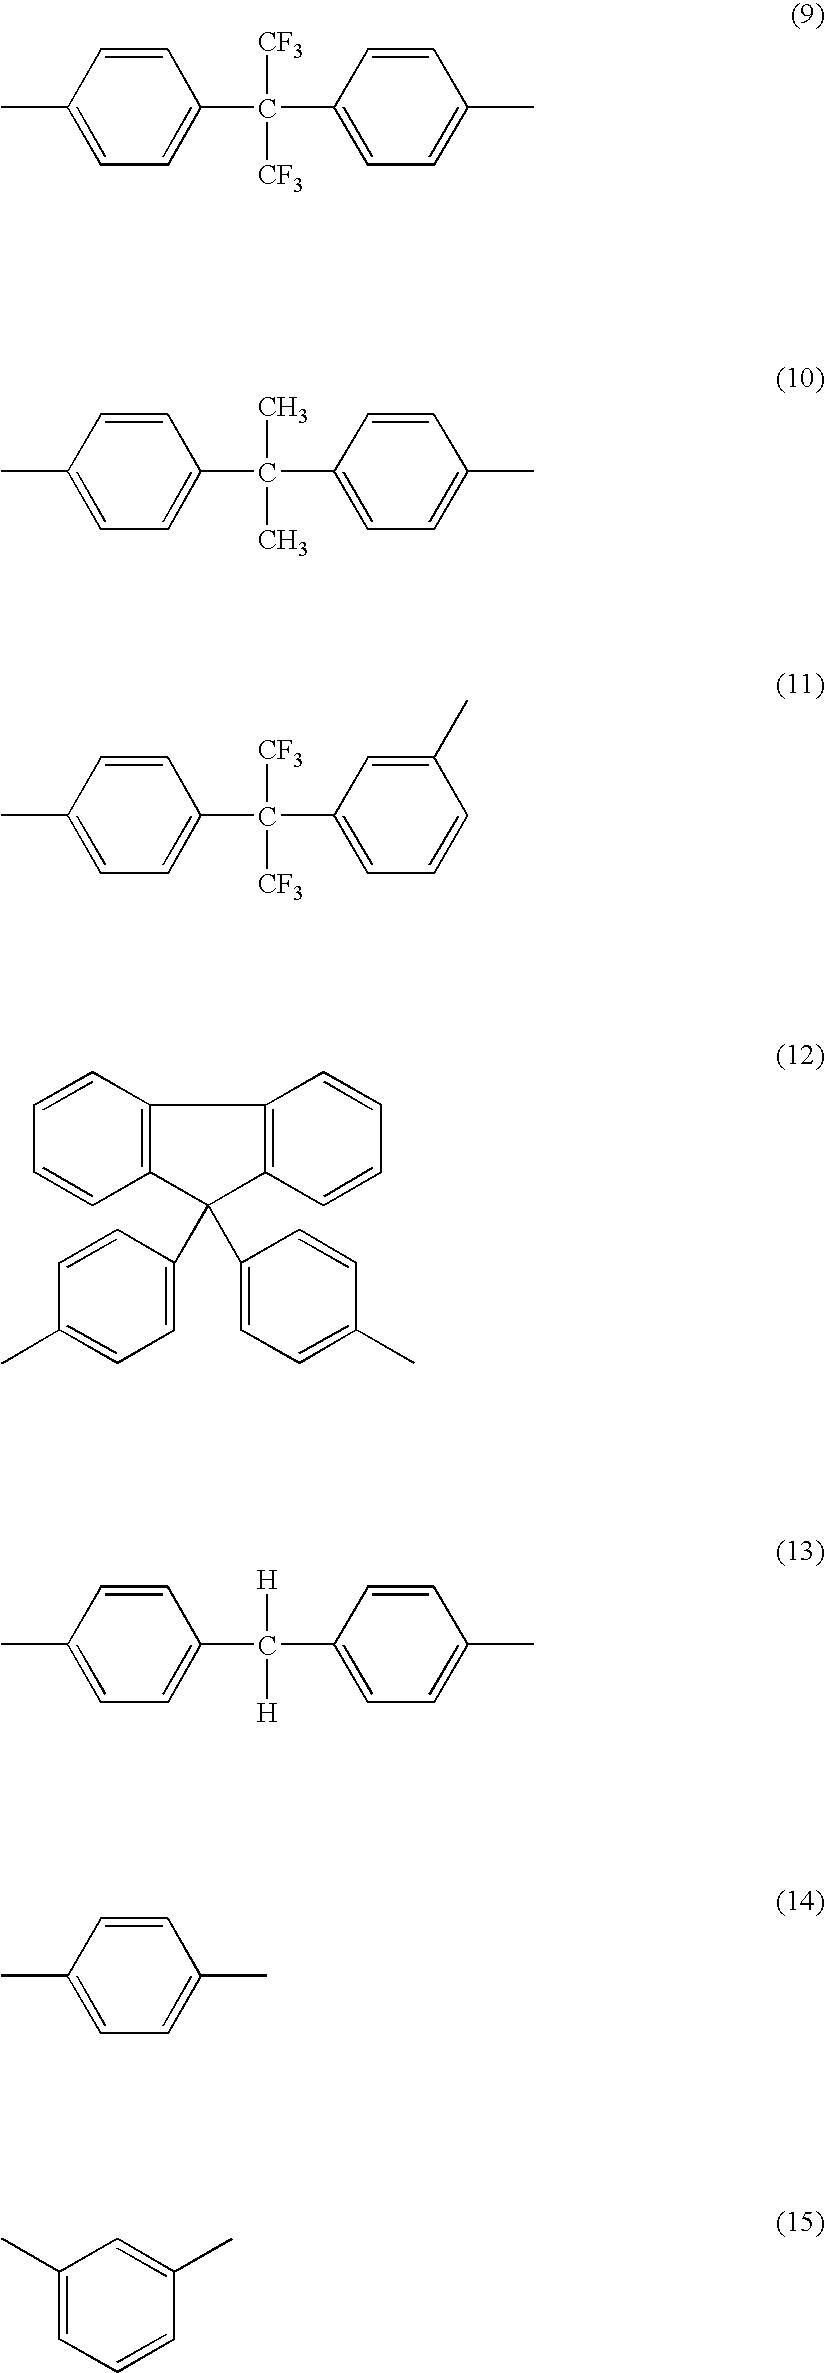 Figure US20050231839A1-20051020-C00007